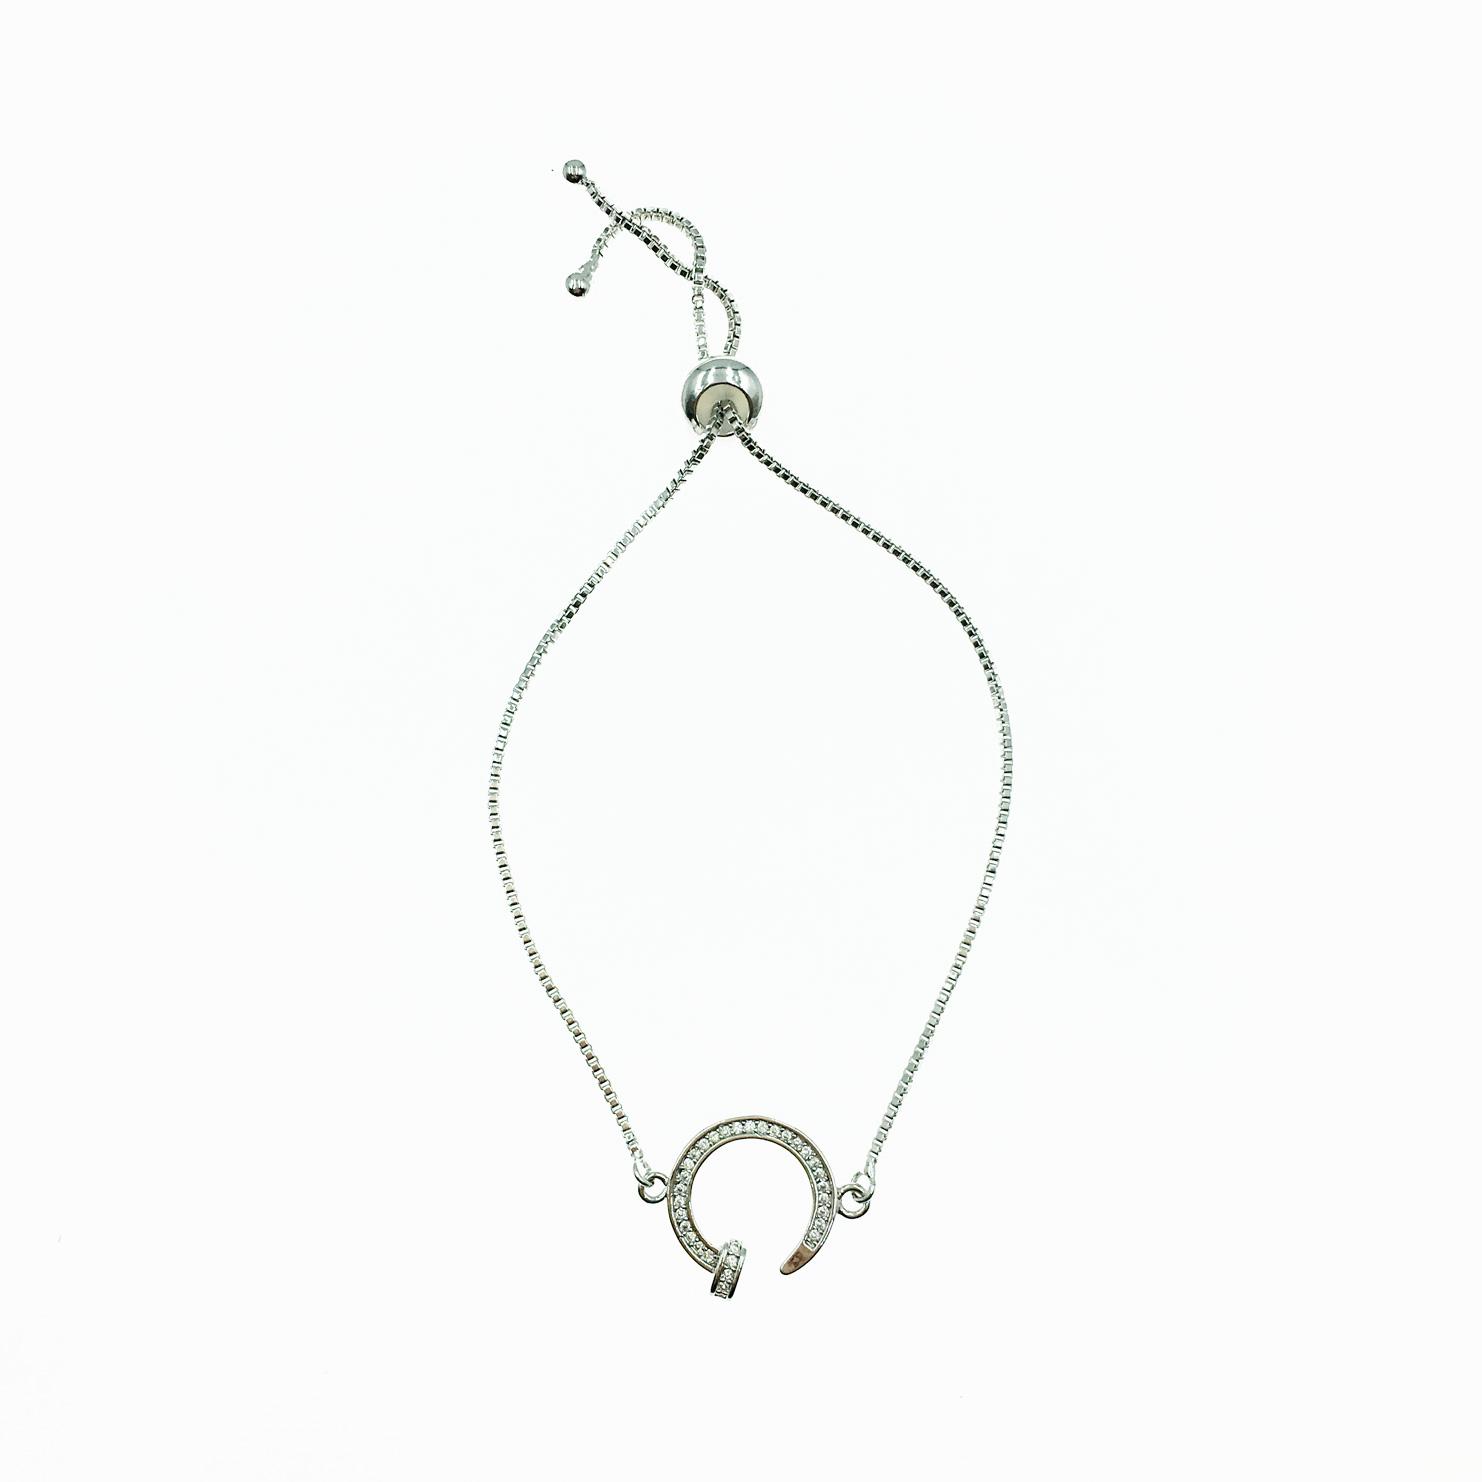 925純銀 馬蹄符號 水鑽 個性 精緻 手鍊